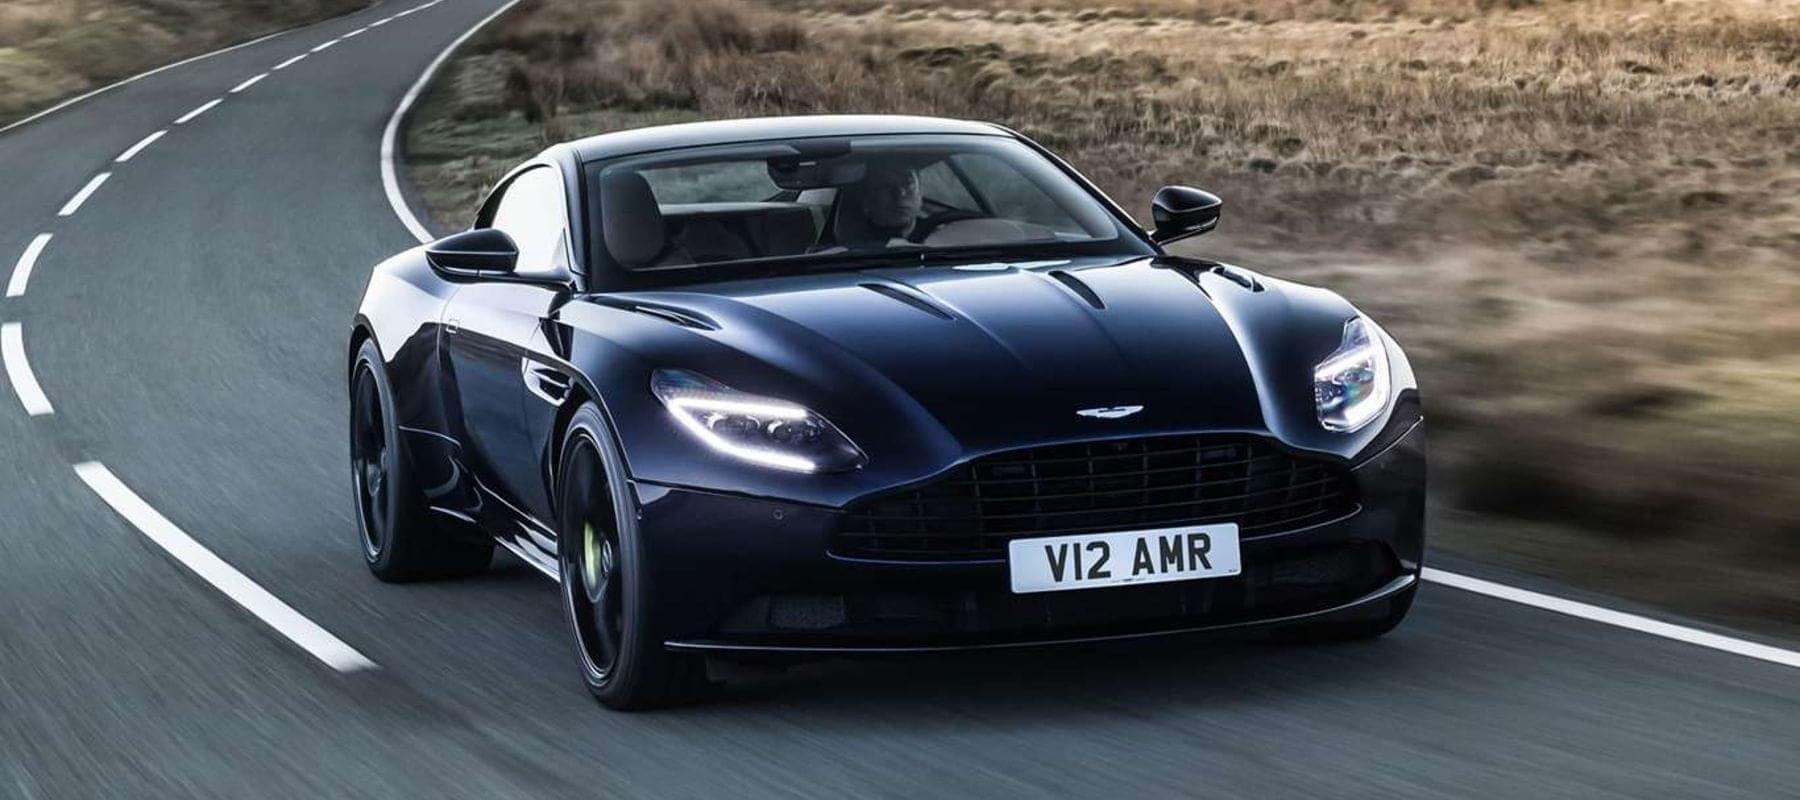 2019 Aston Martin Db11 Top Speed Specs Aston Martin Austin